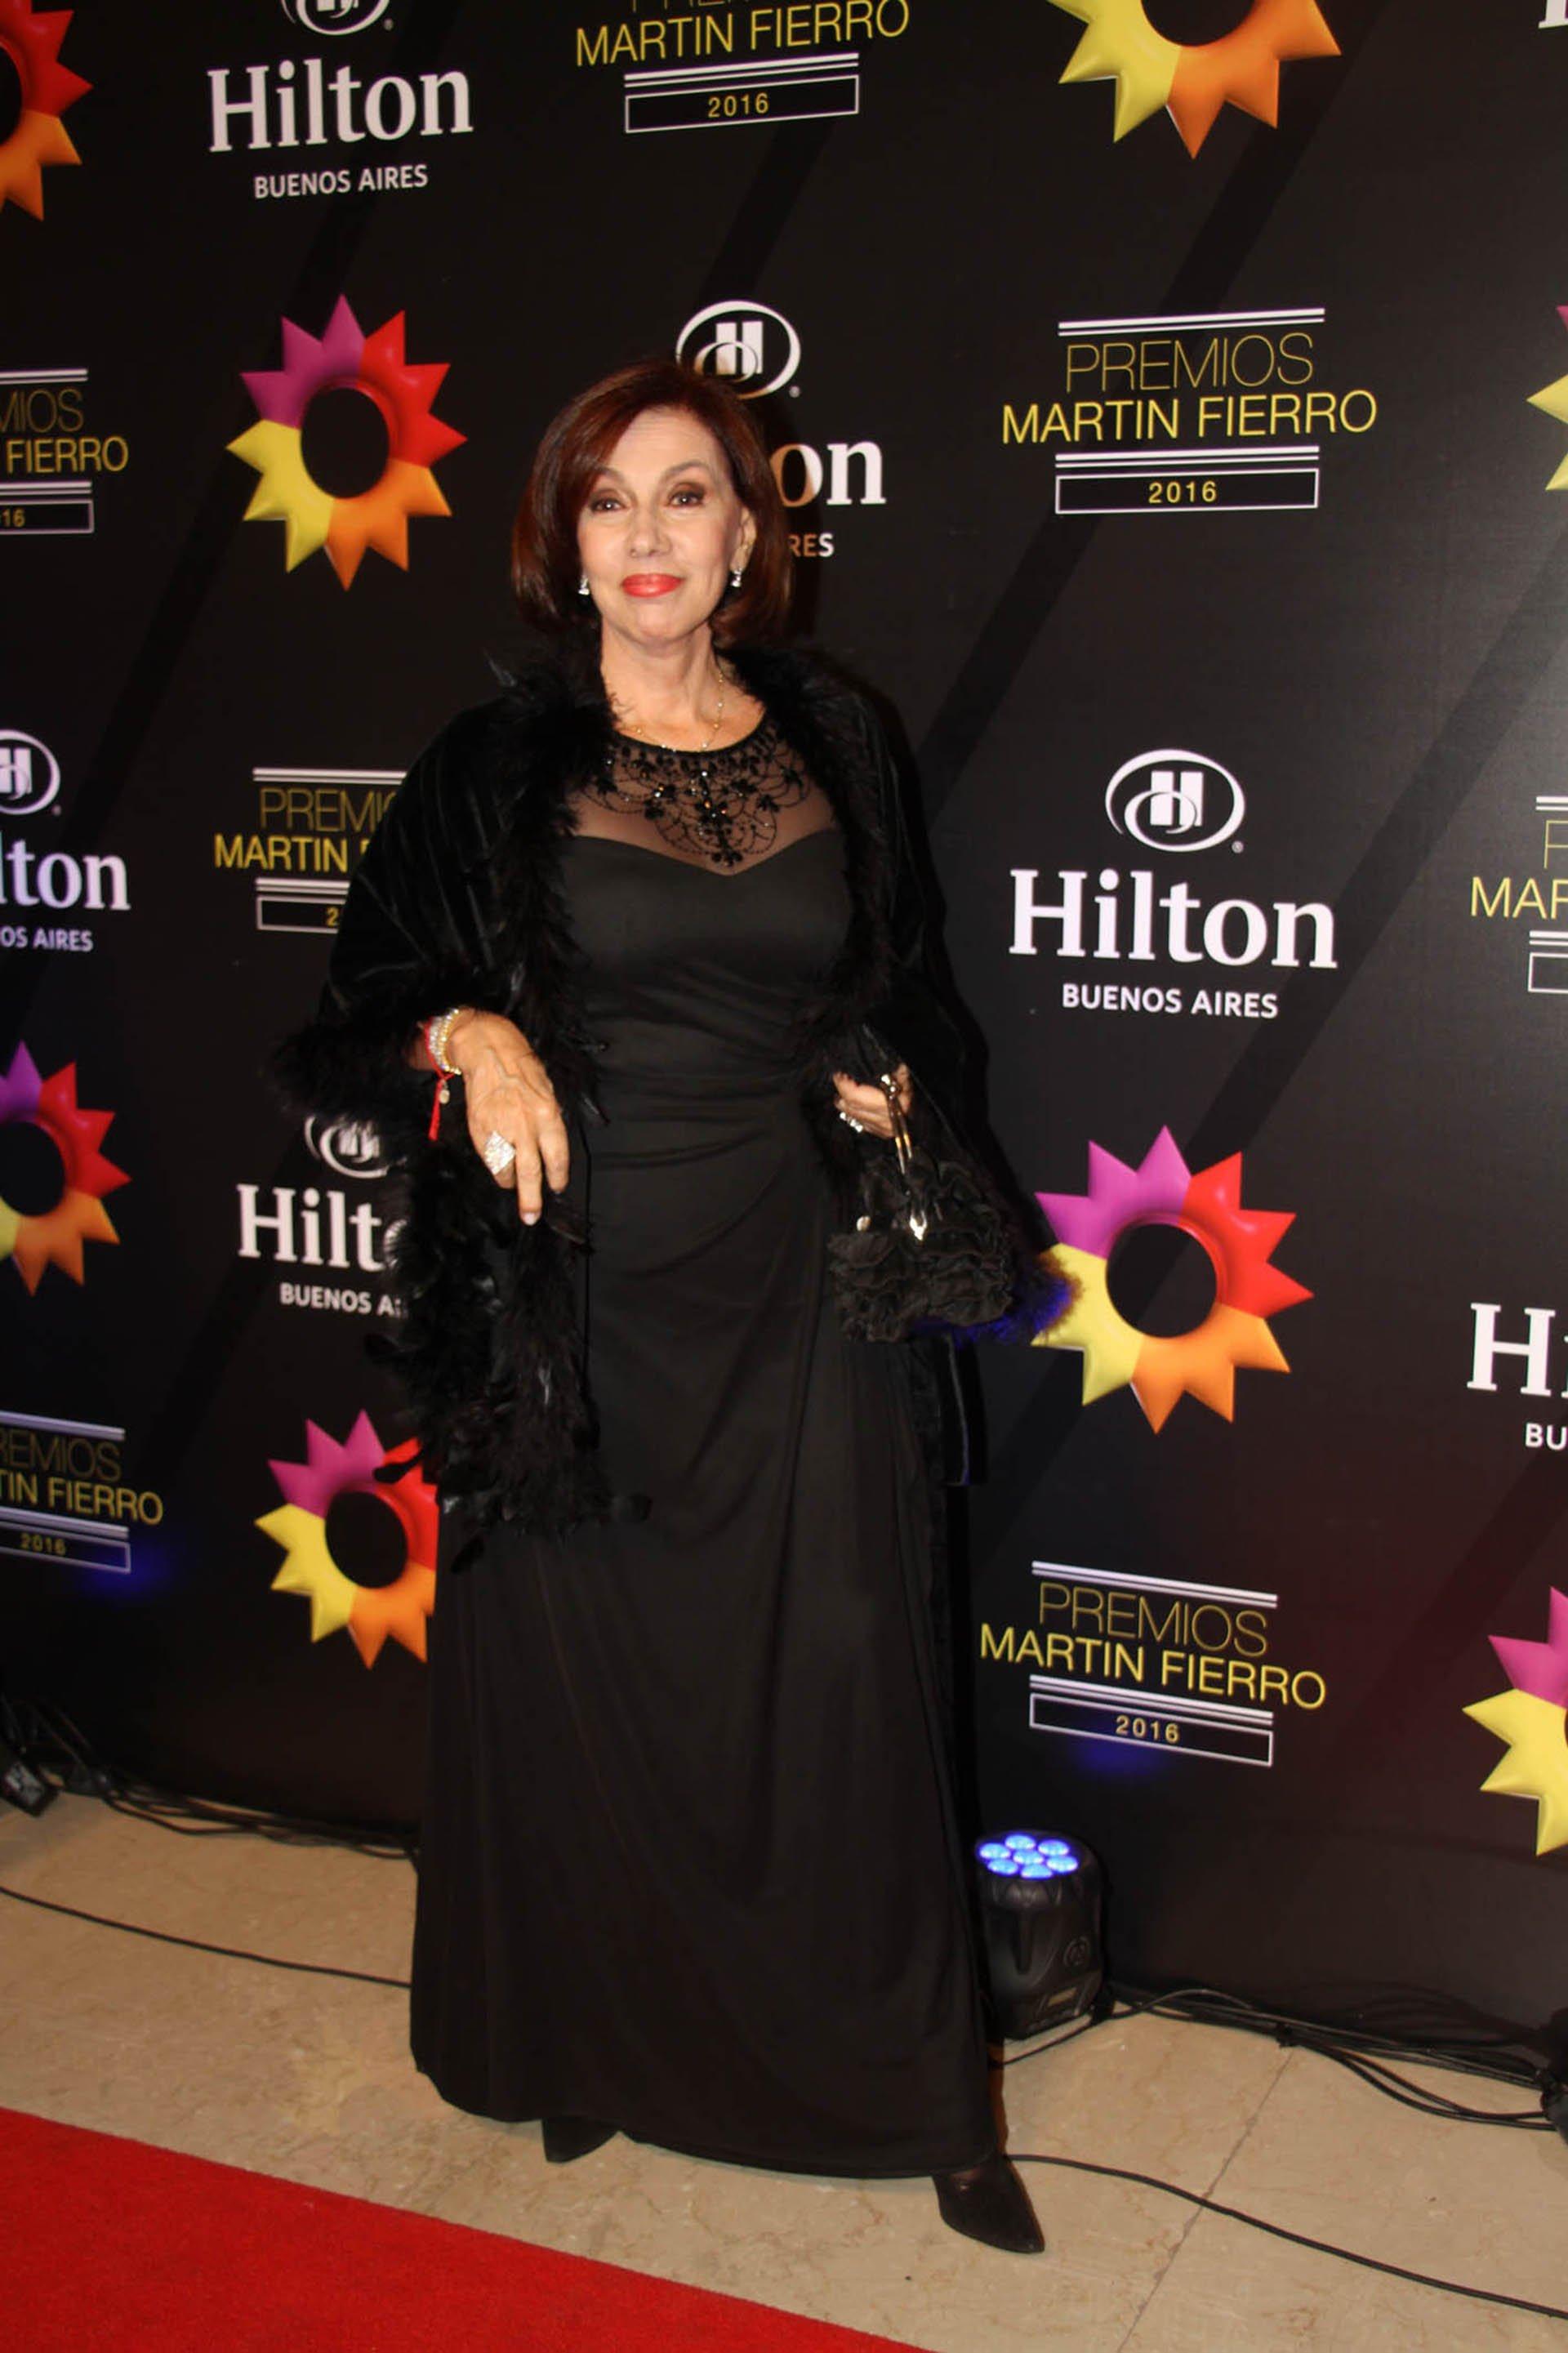 La actriz Nora Cárpena, en la noche de los Martín Fierro 2016, recibió el premio que le entregaron a su esposo Guillermo Bredeston.